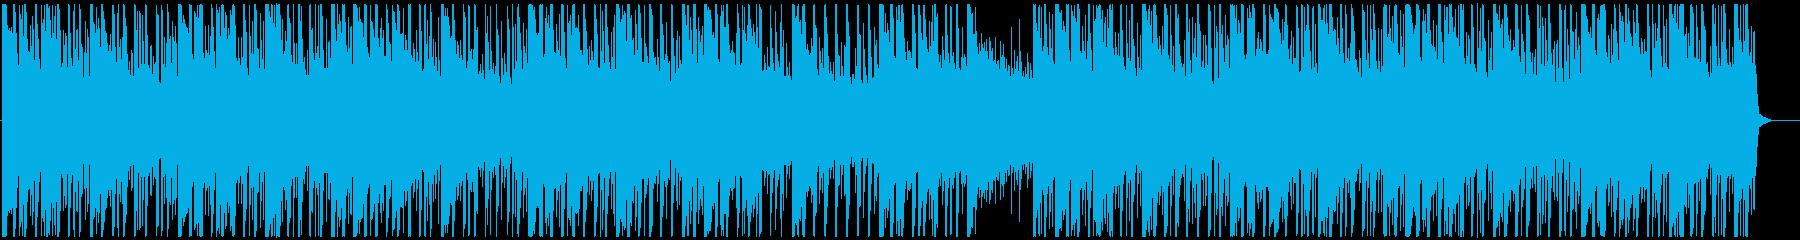 優しいサウンドのトロピカルハウスの再生済みの波形